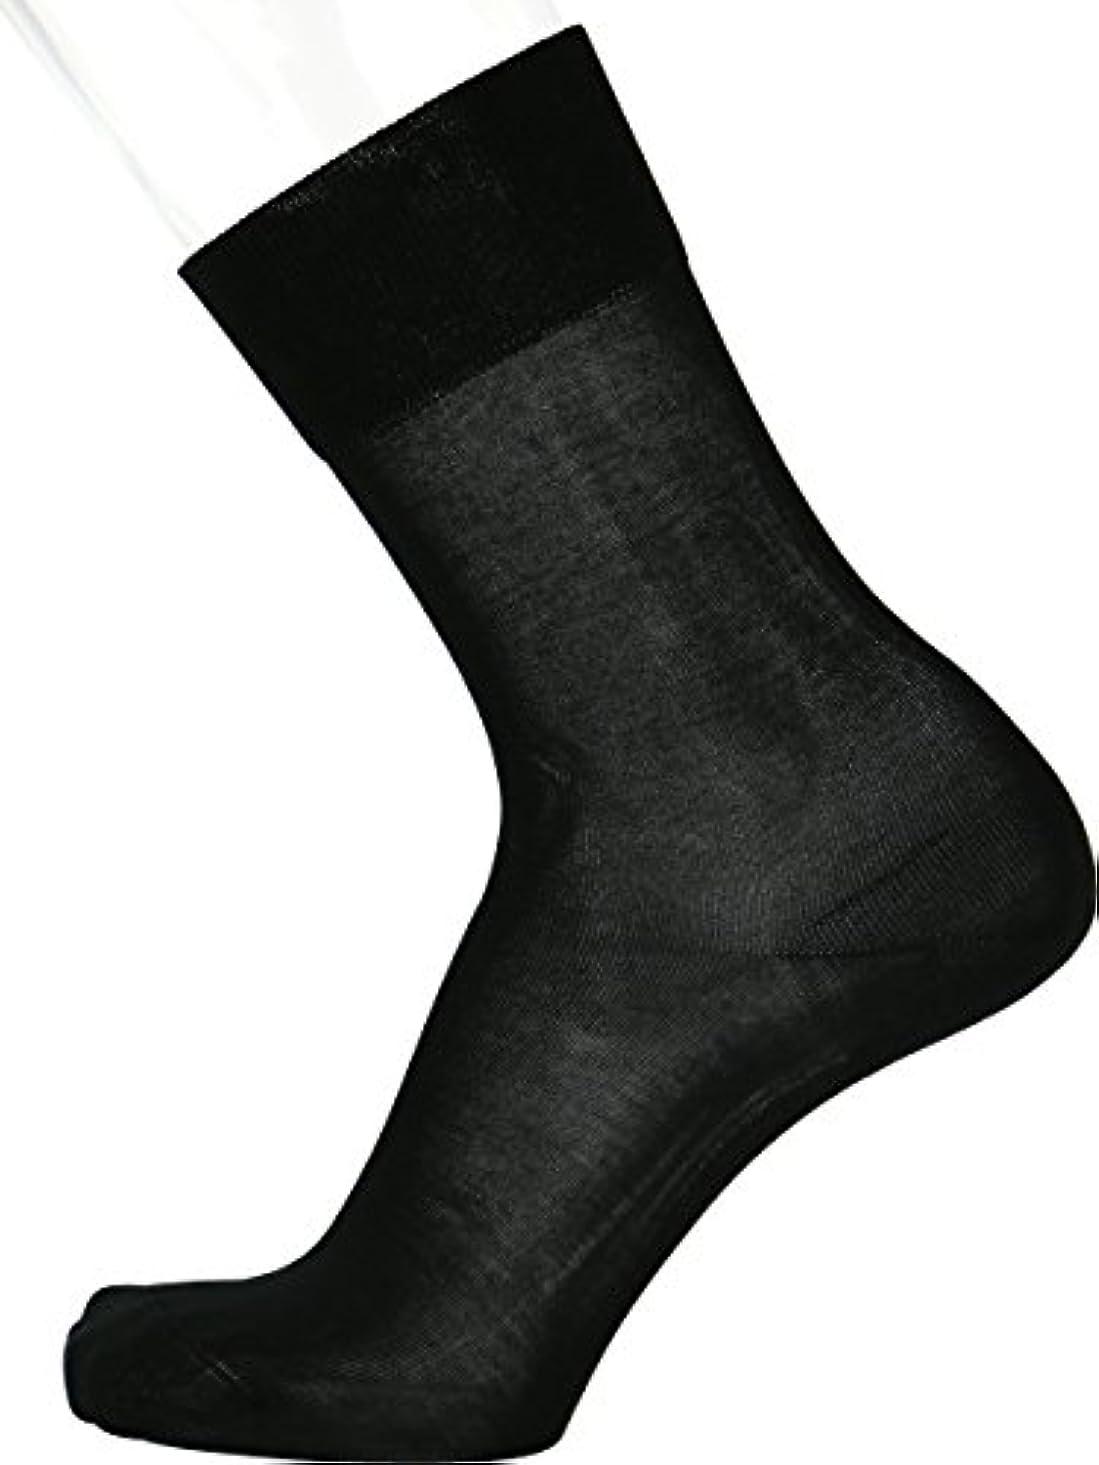 突撃腸ヒゲクジラ(ナイガイ)NAIGAI フォーマルソックス 冠婚葬祭 礼装用 紳士靴下 綿100%